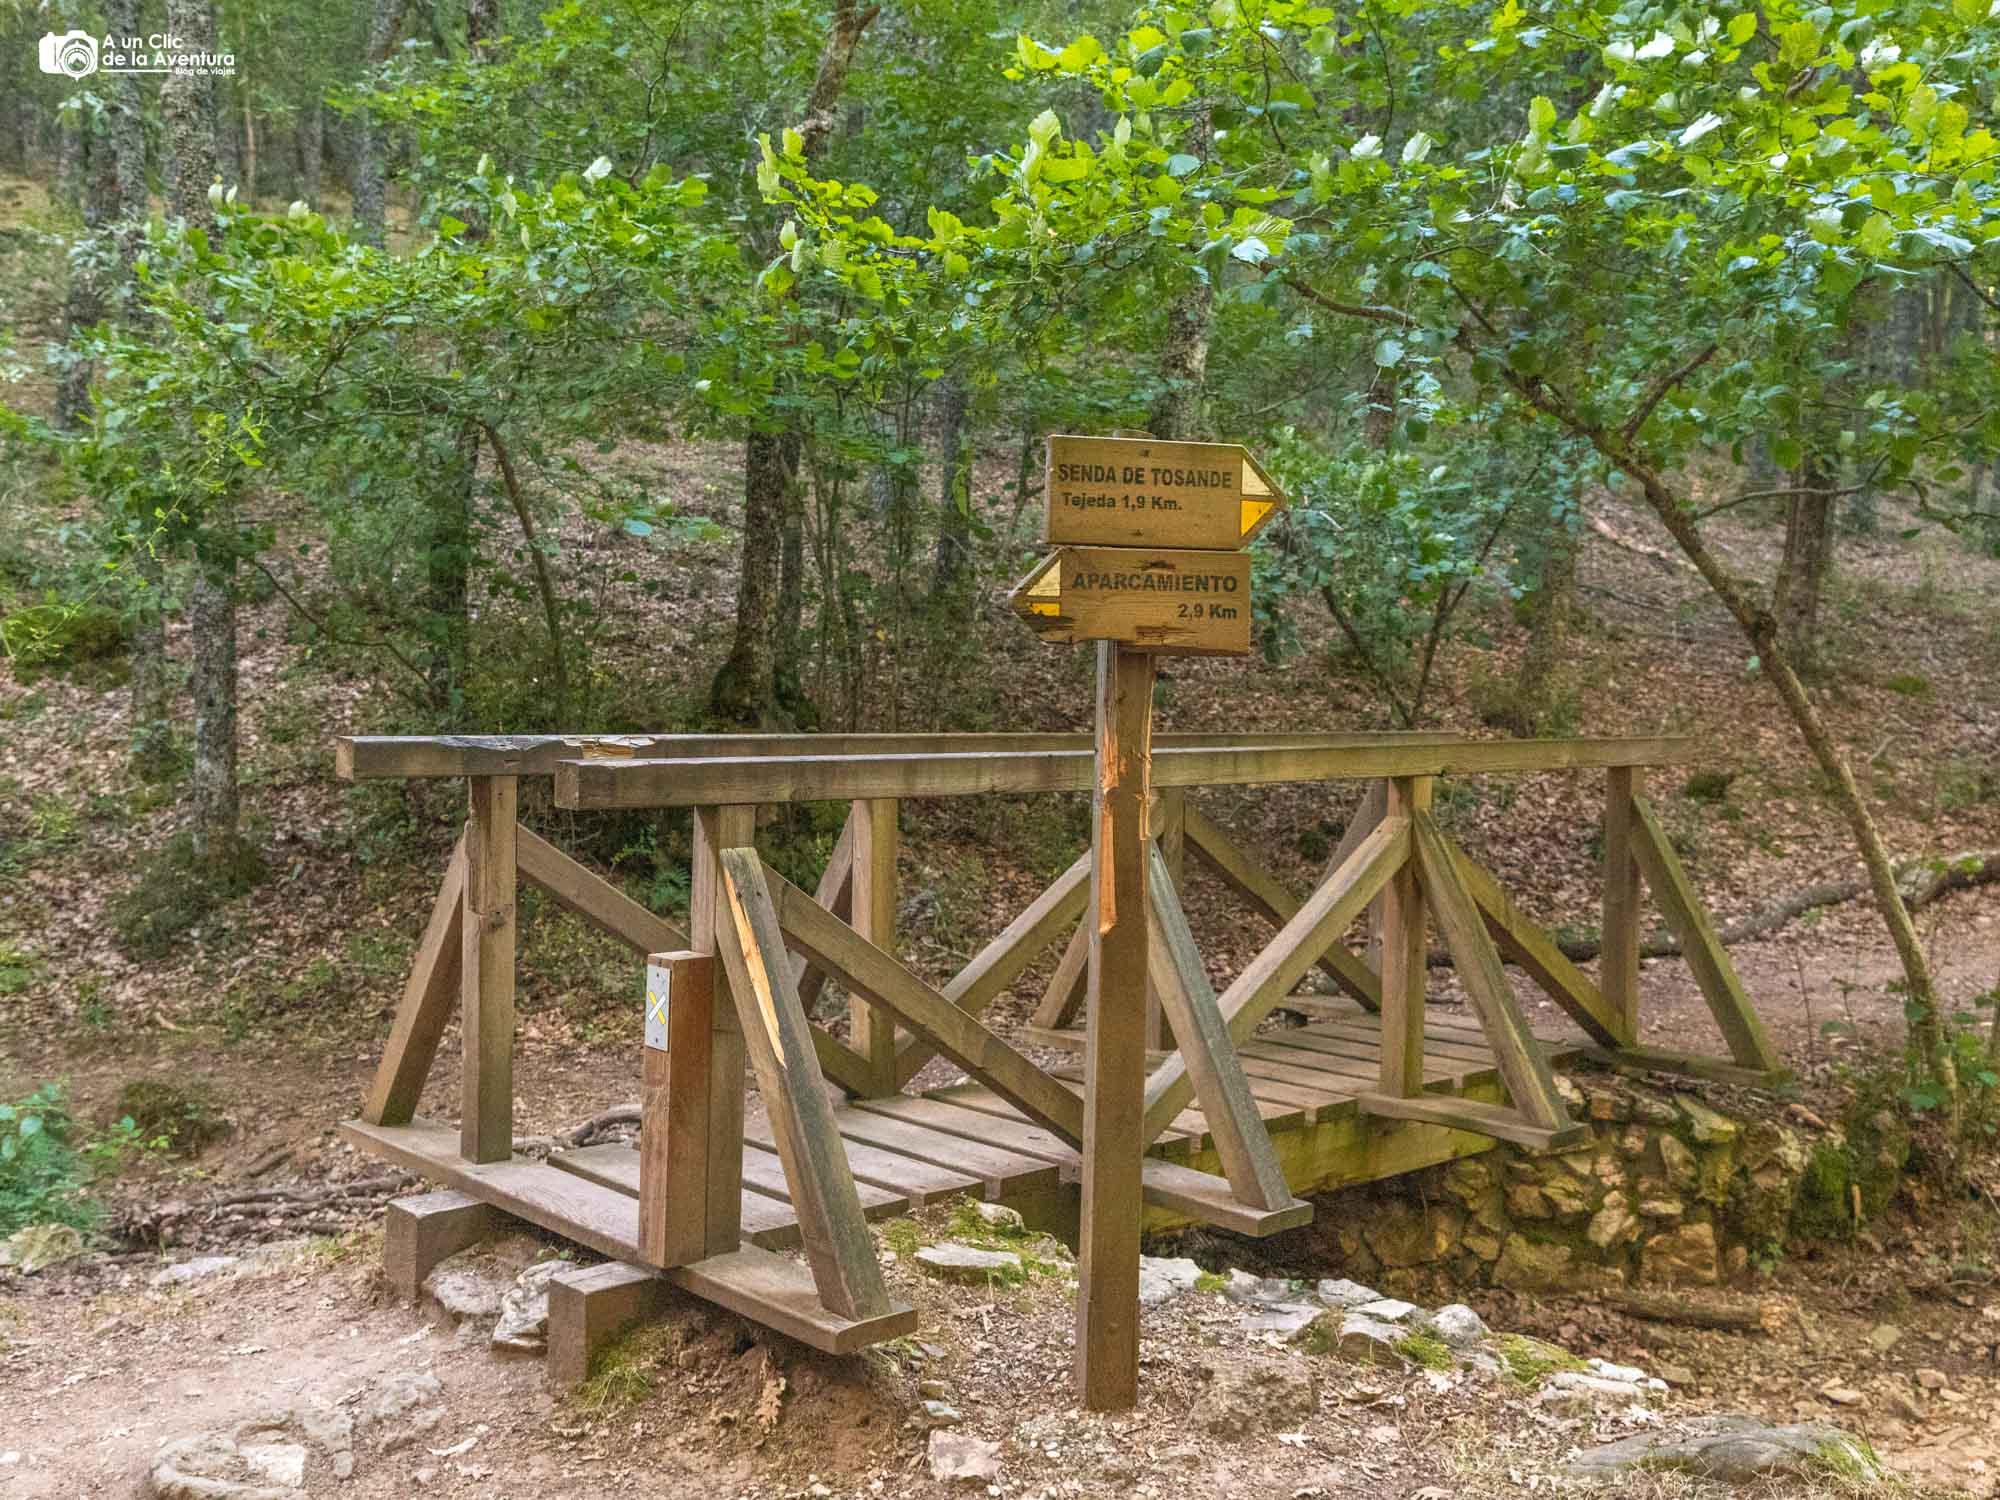 Puente sobre el Arroyo de Tosande